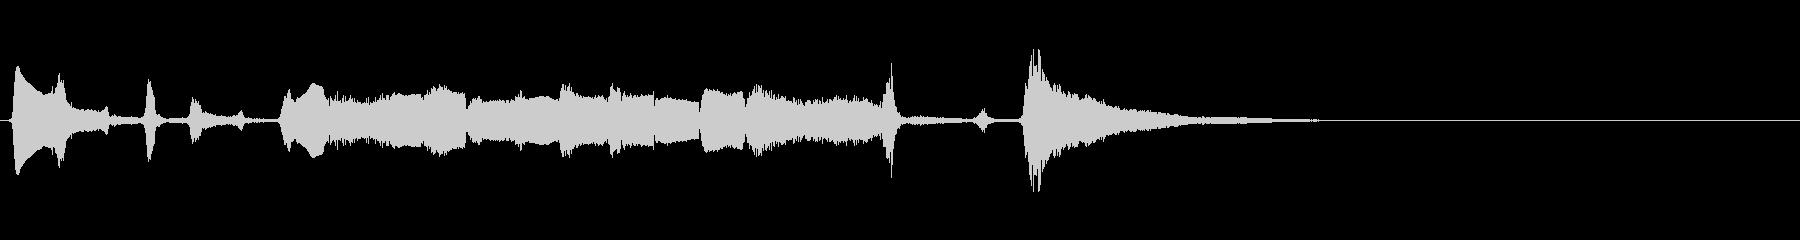 【生演奏】アコーディオンジングル47の未再生の波形